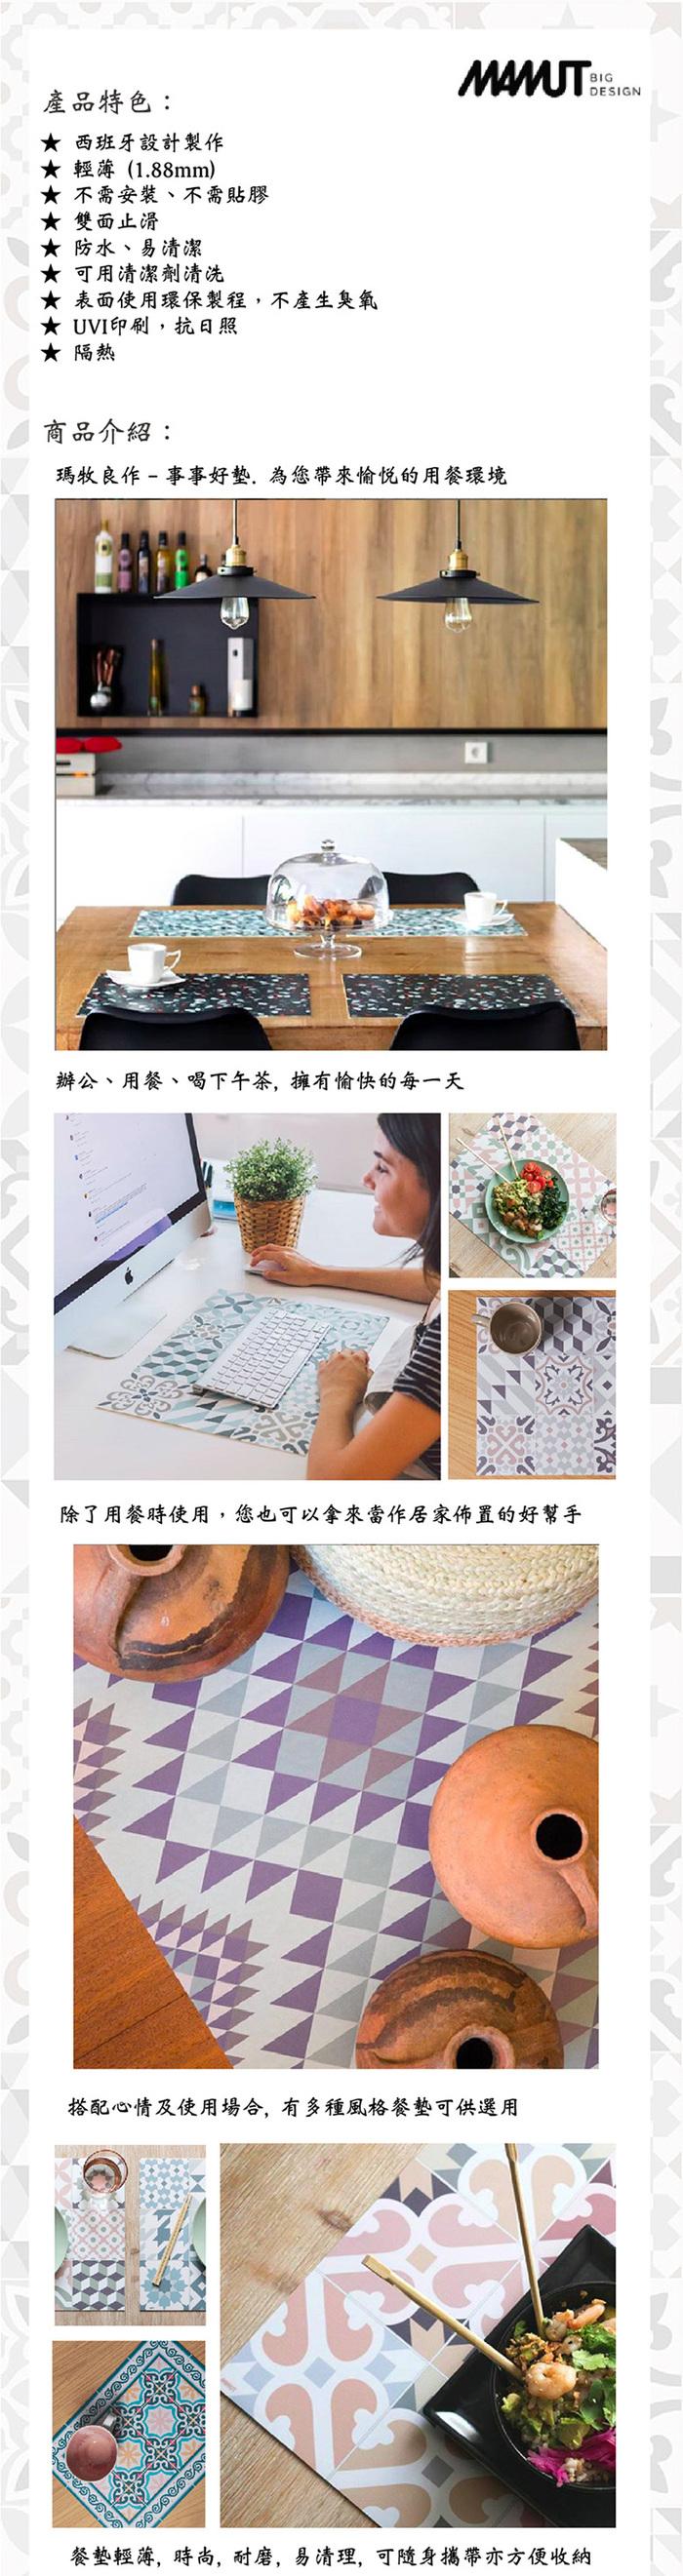 (複製)瑪牧良作 Mamut Big Design|事事好墊/桌墊 印象珊瑚 40cm x 60cm